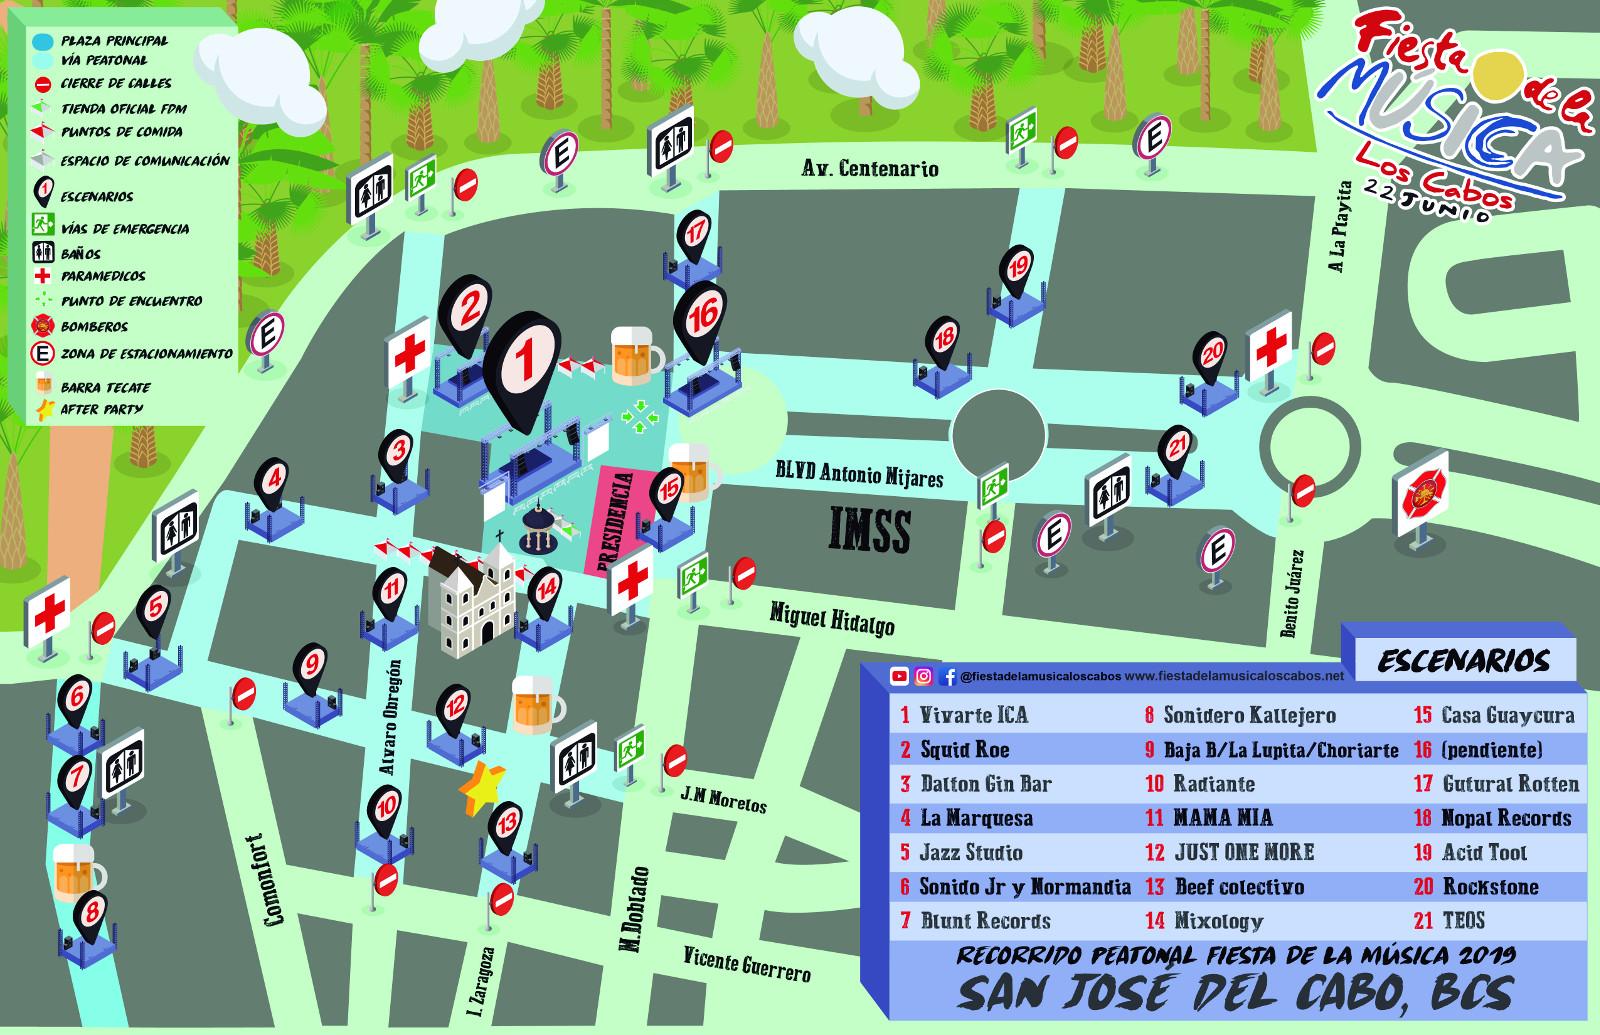 Mapa-ilustrado-FDM-2019-ch